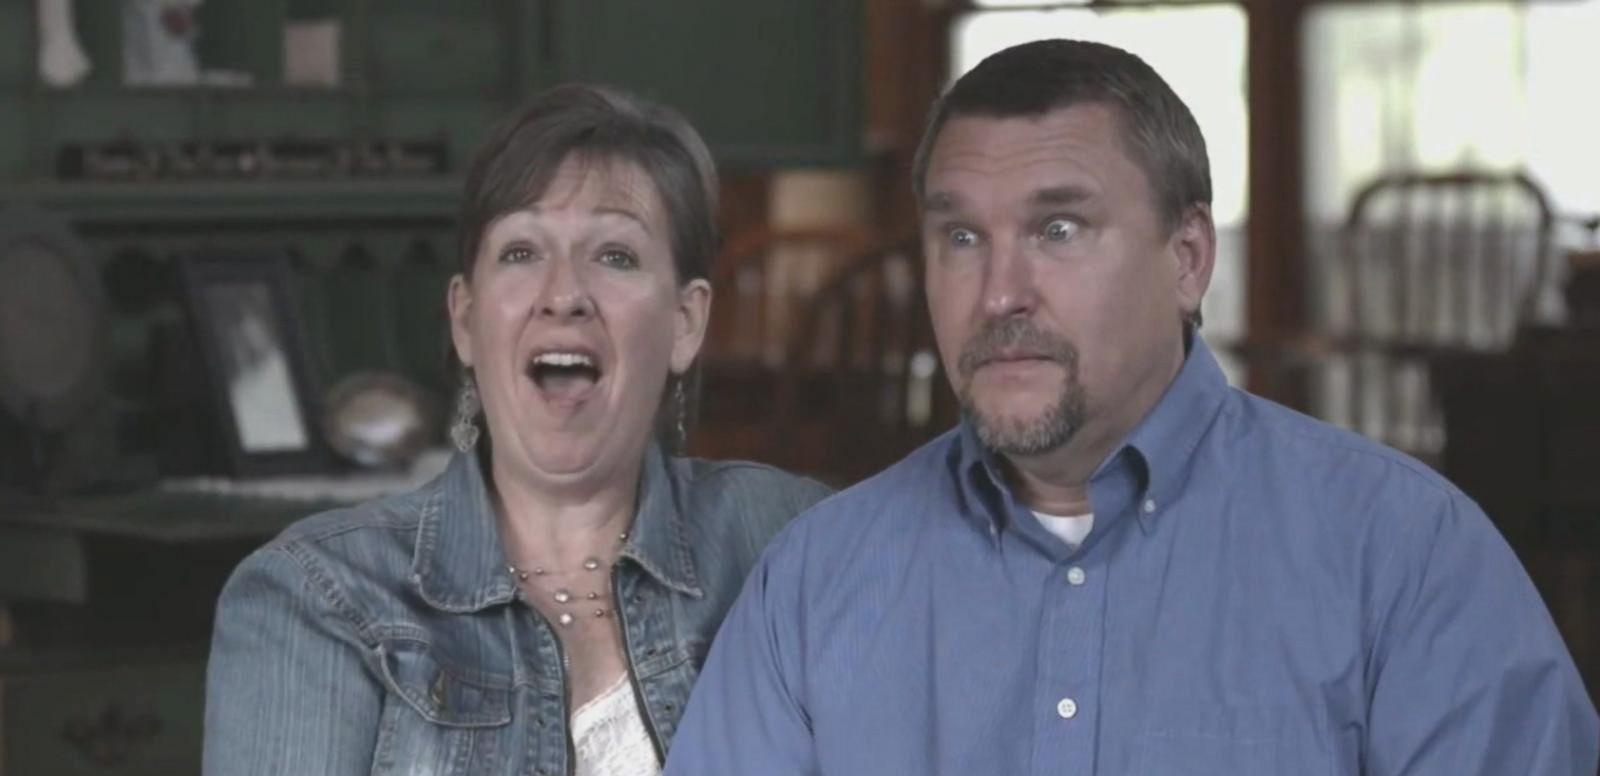 VIDEO: Couple's Surprise Slow-Motion Pregnancy Announcement